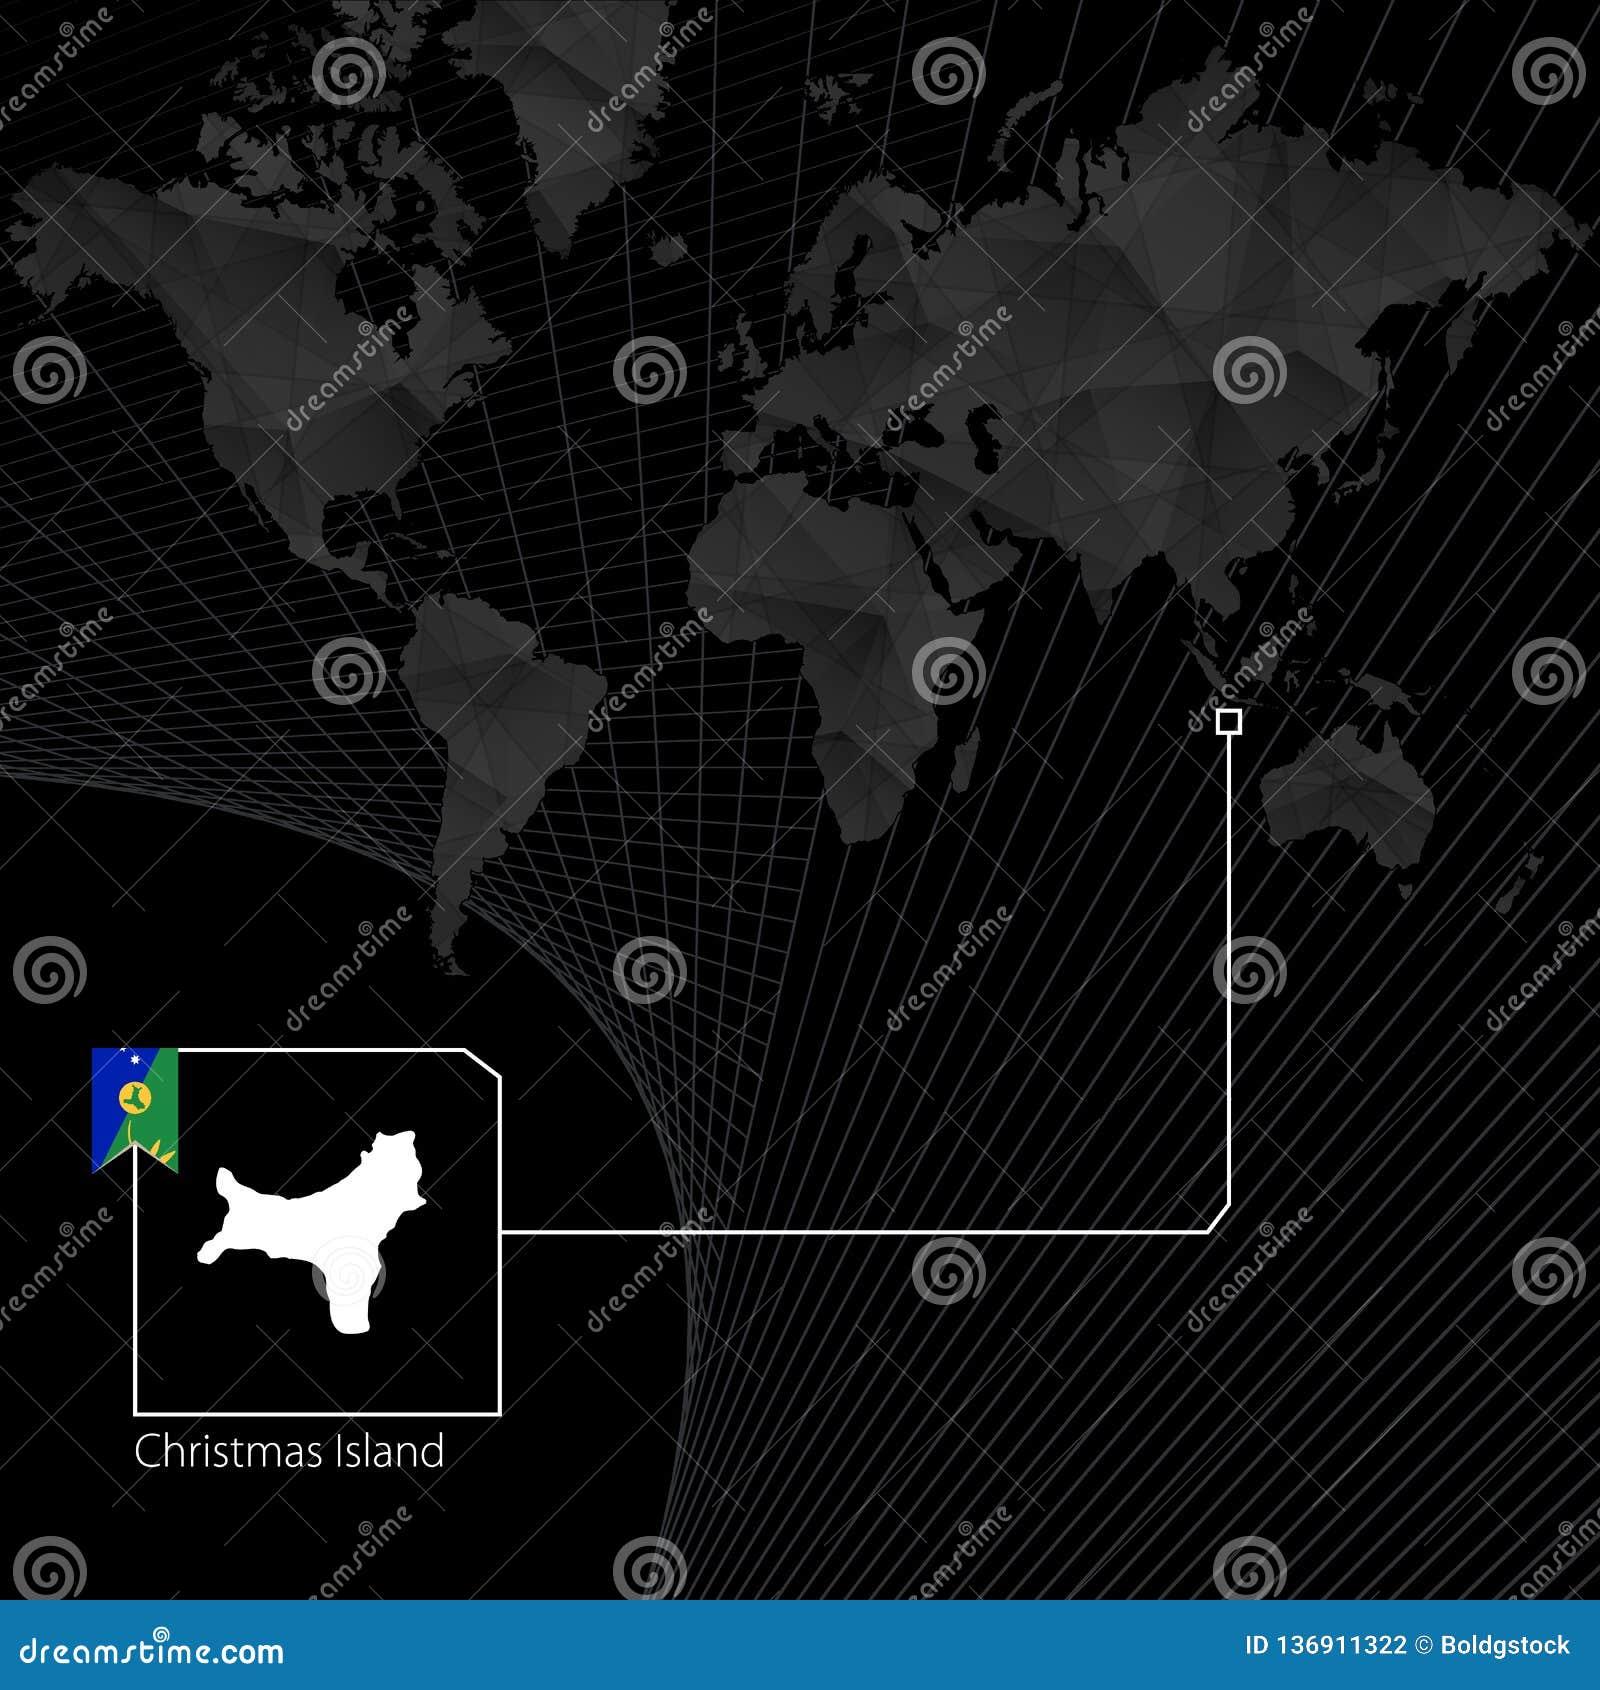 Christmas Island On Black World Map Map And Flag Of Christmas